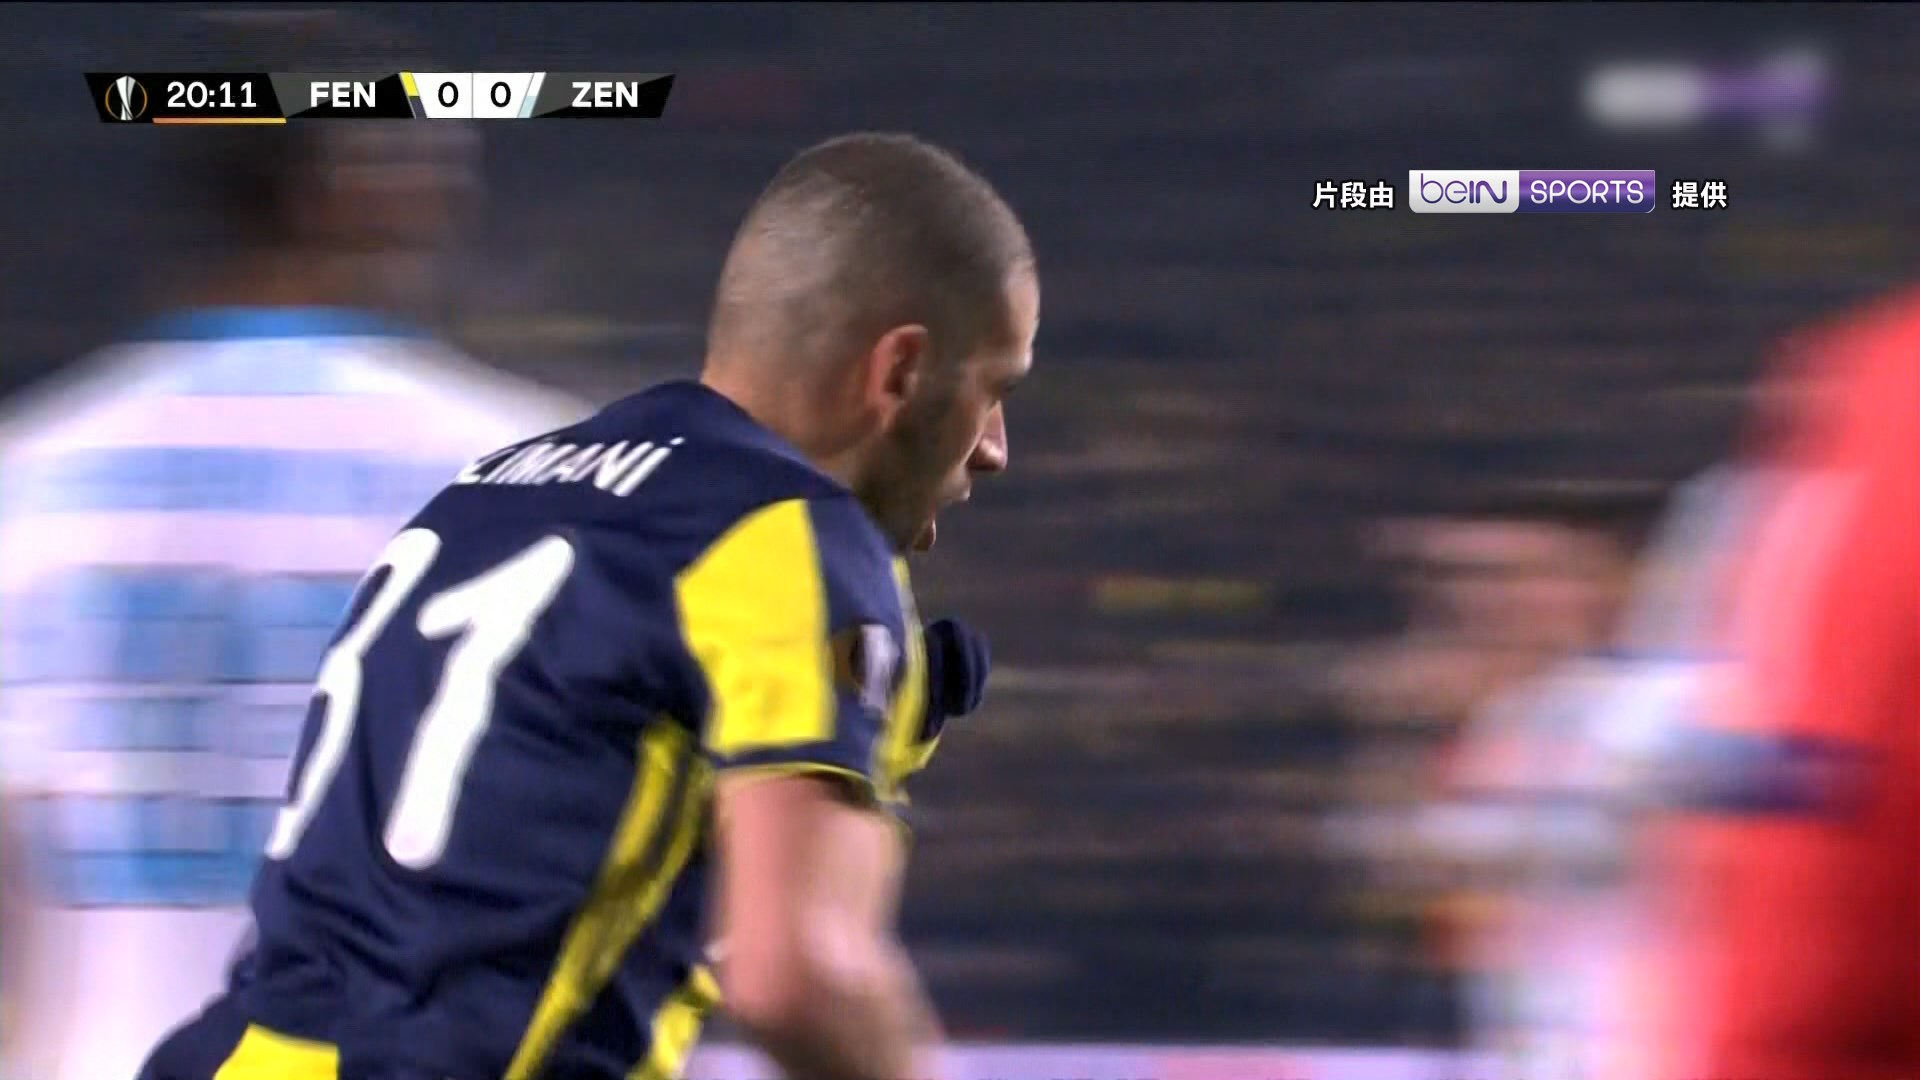 歐霸盃 費倫巴治 1:0 辛尼特